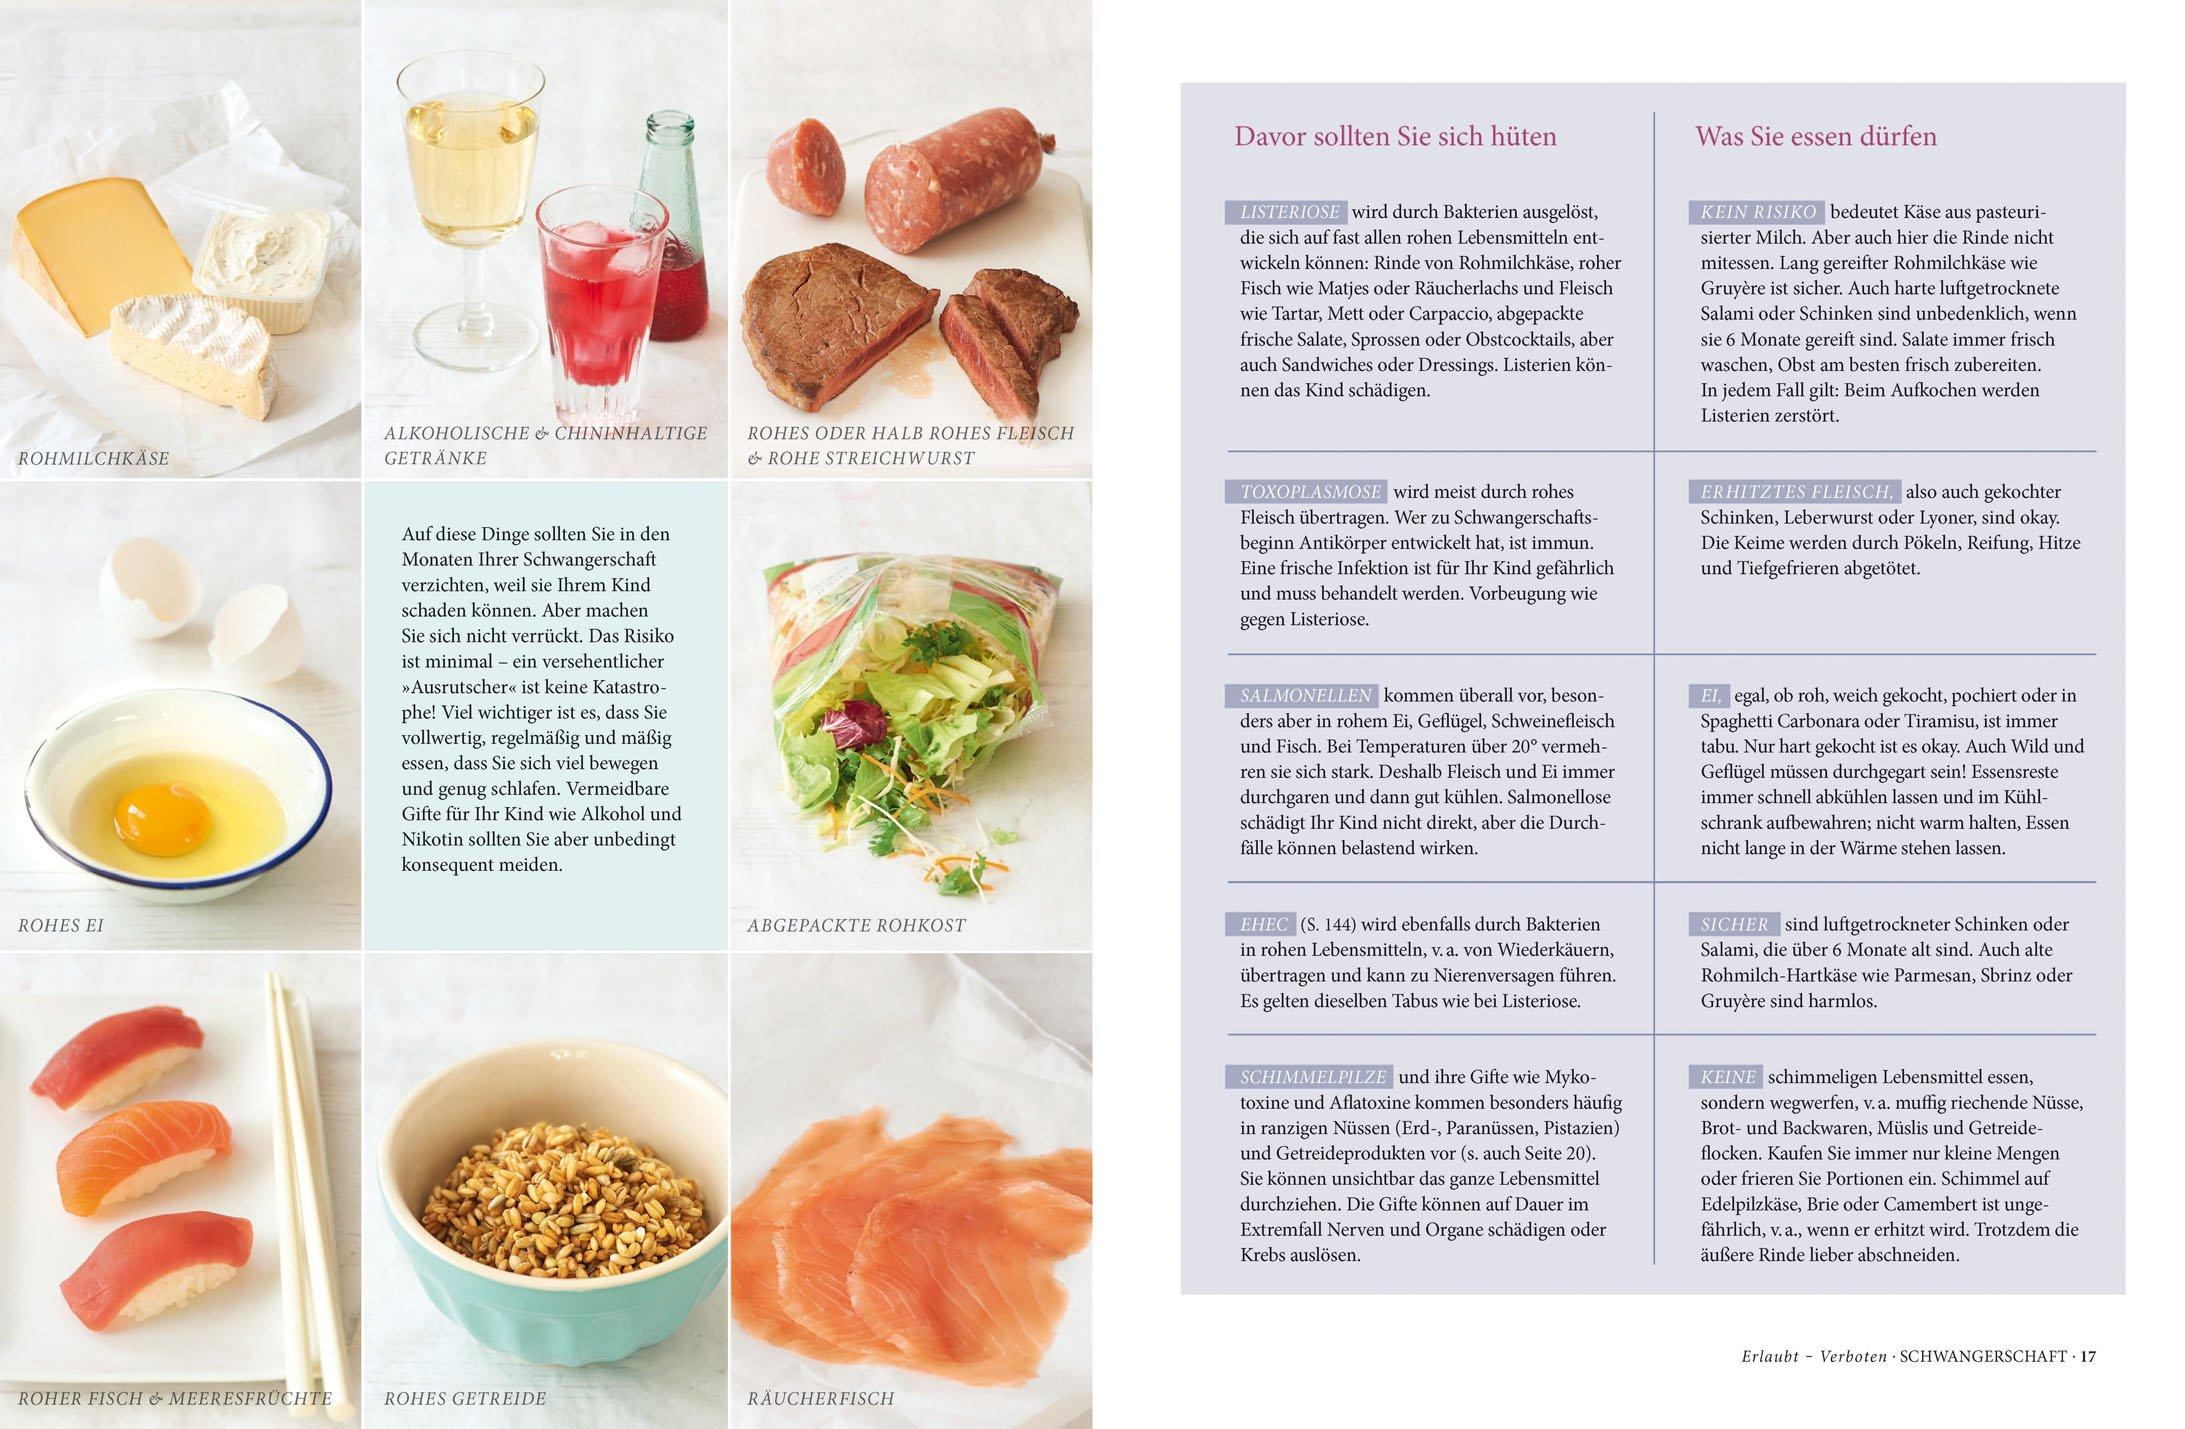 Richtig essen in schwangerschaft und stillzeit - Gesunde